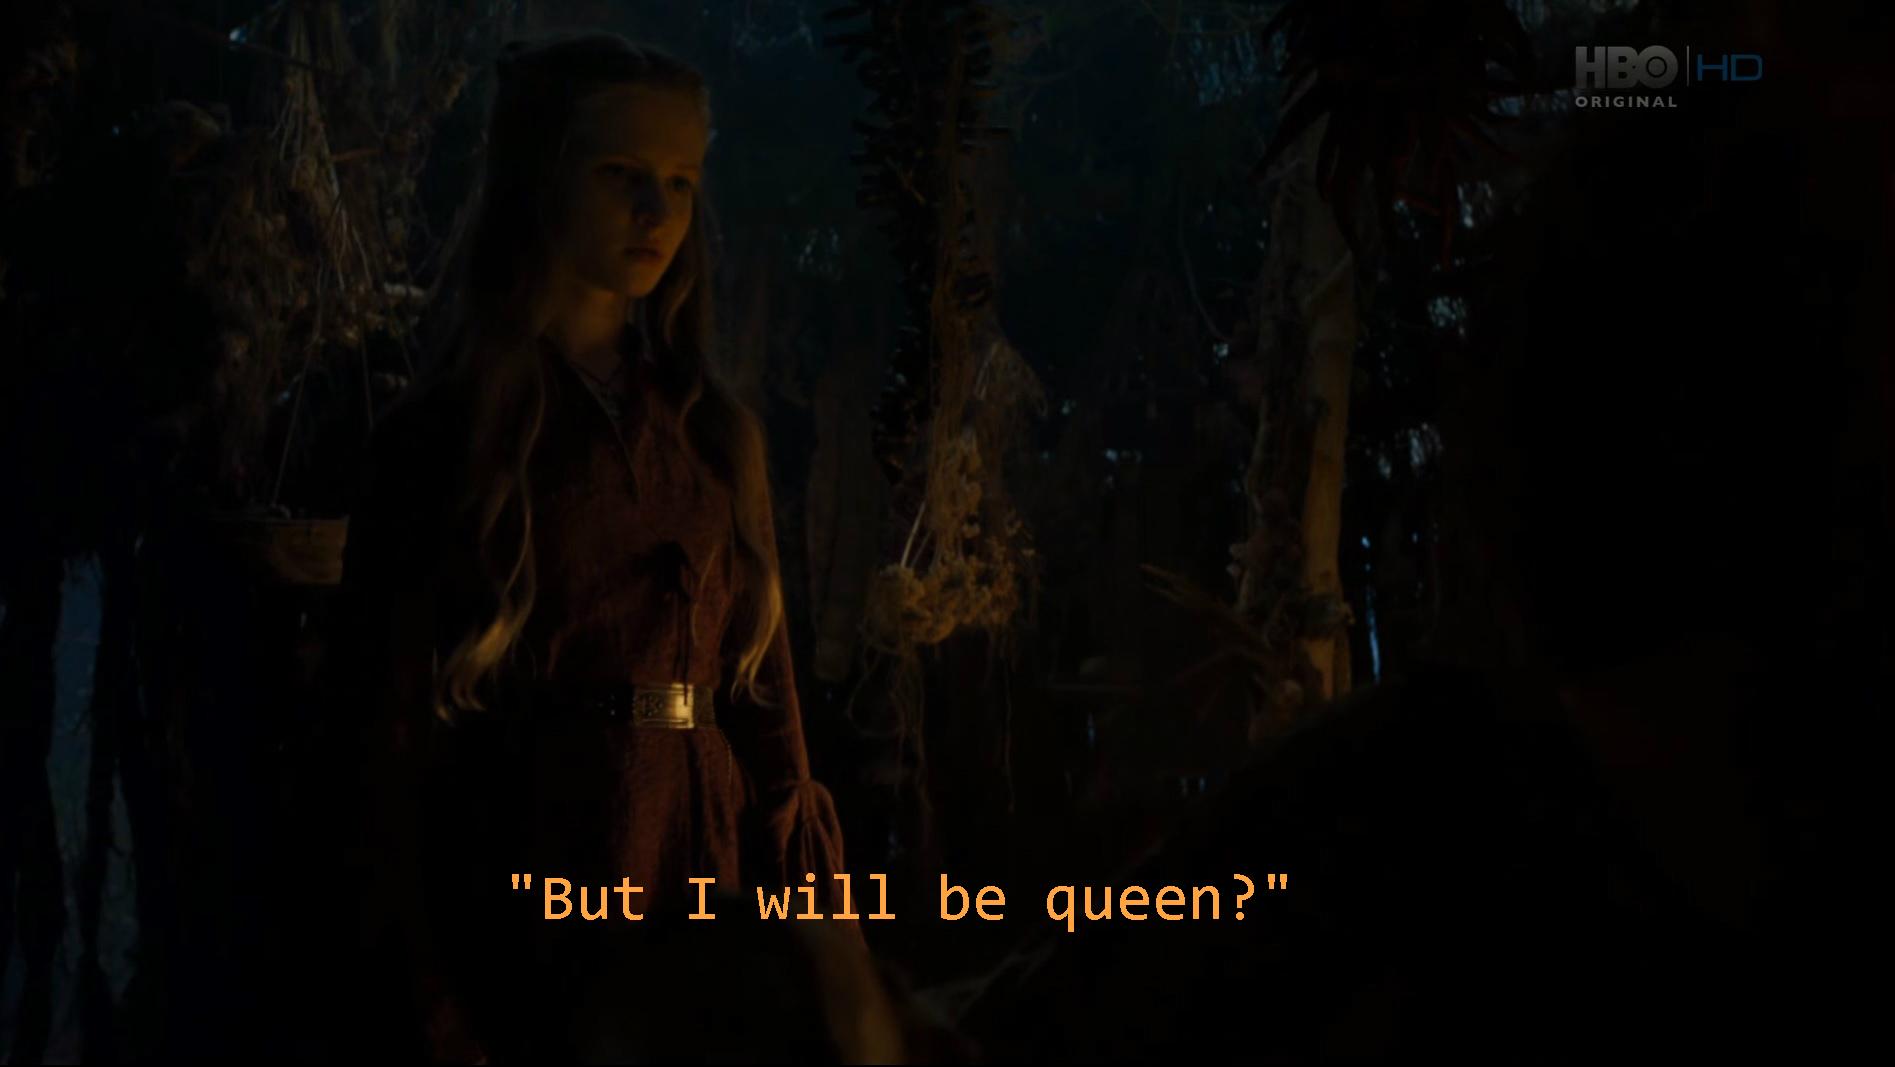 La prophétie de Cersei